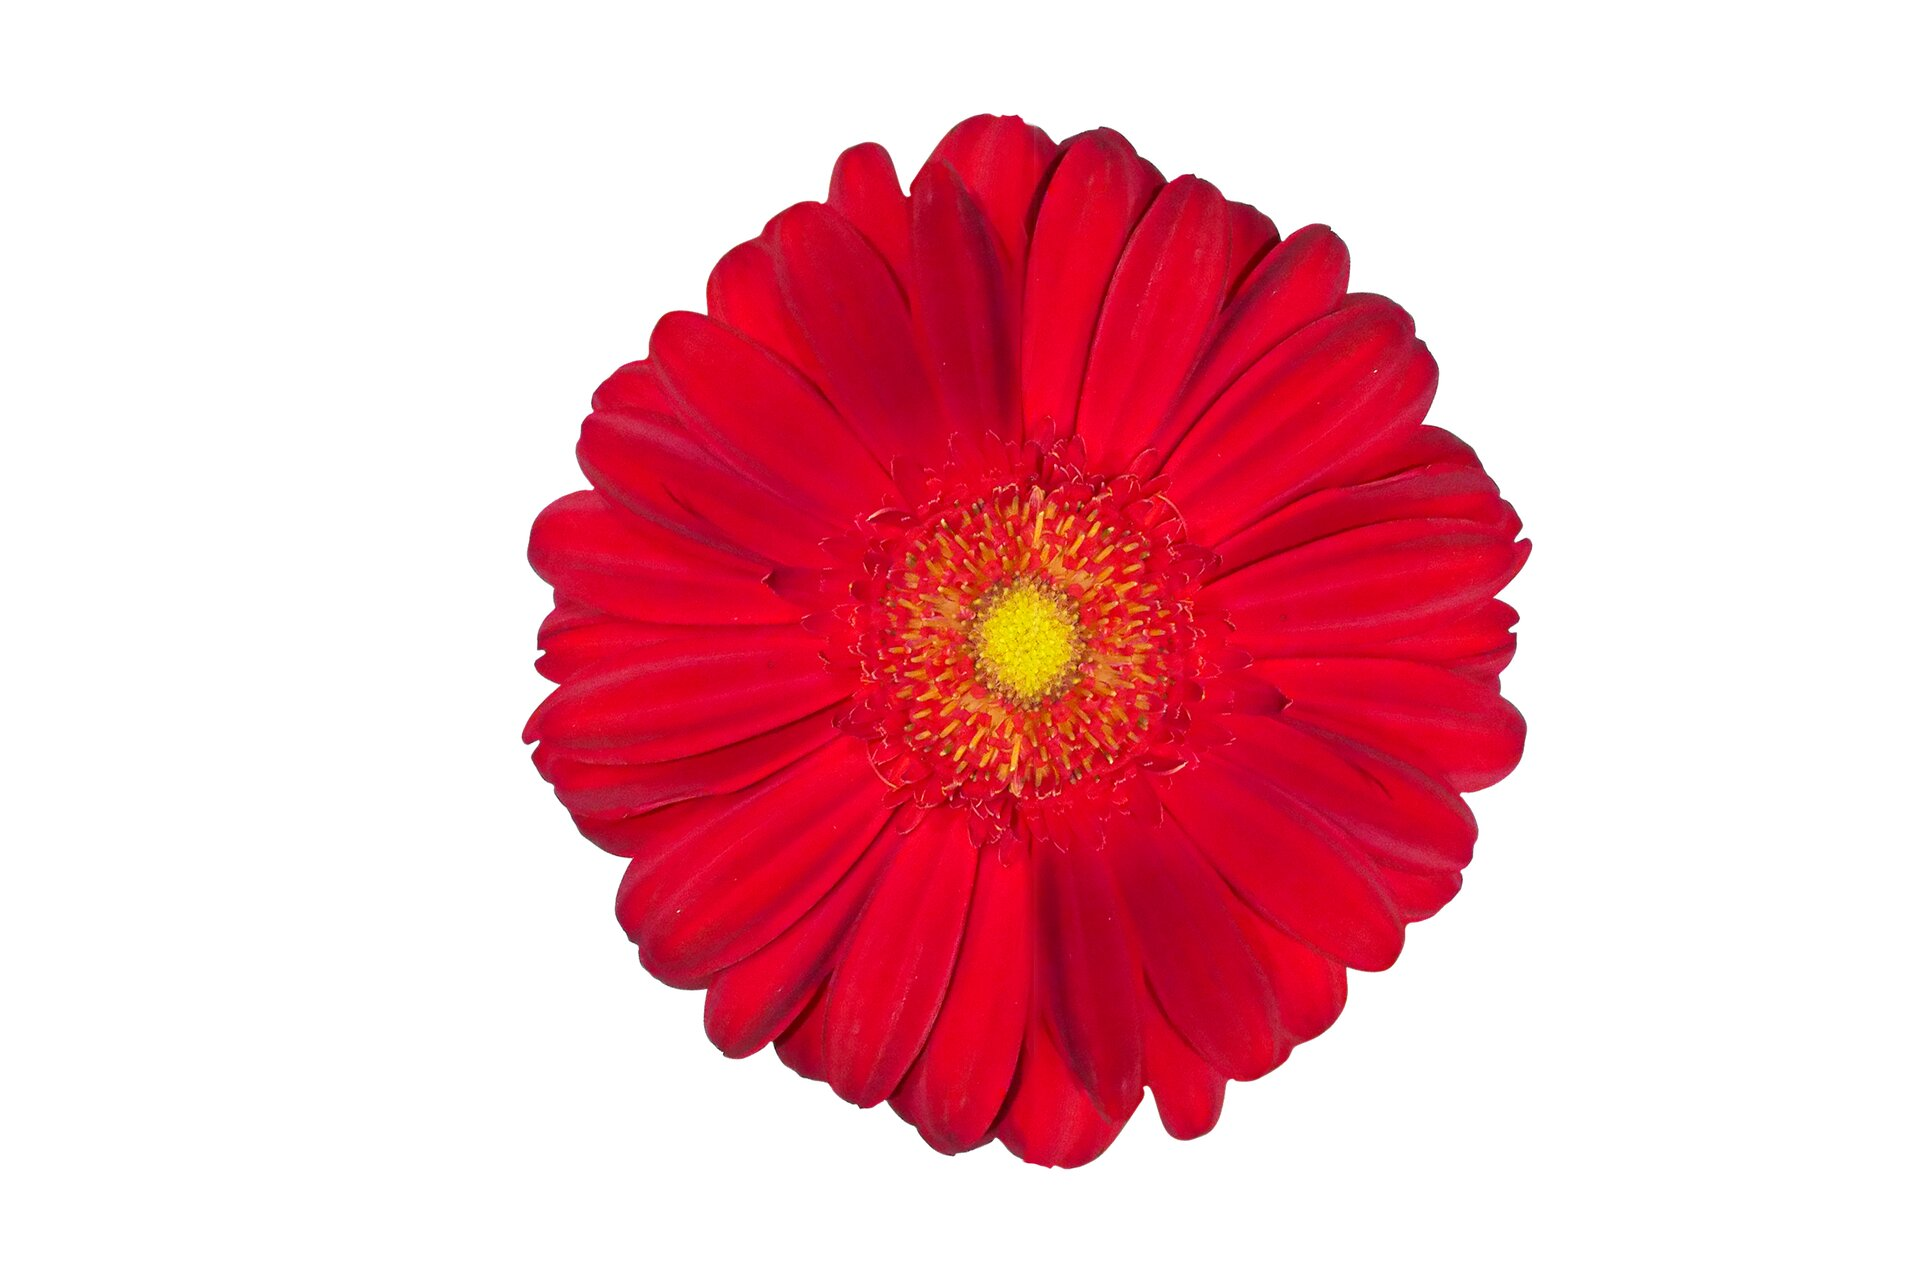 Rysunek kwiatka zparzystą liczbą płatków (gerber).